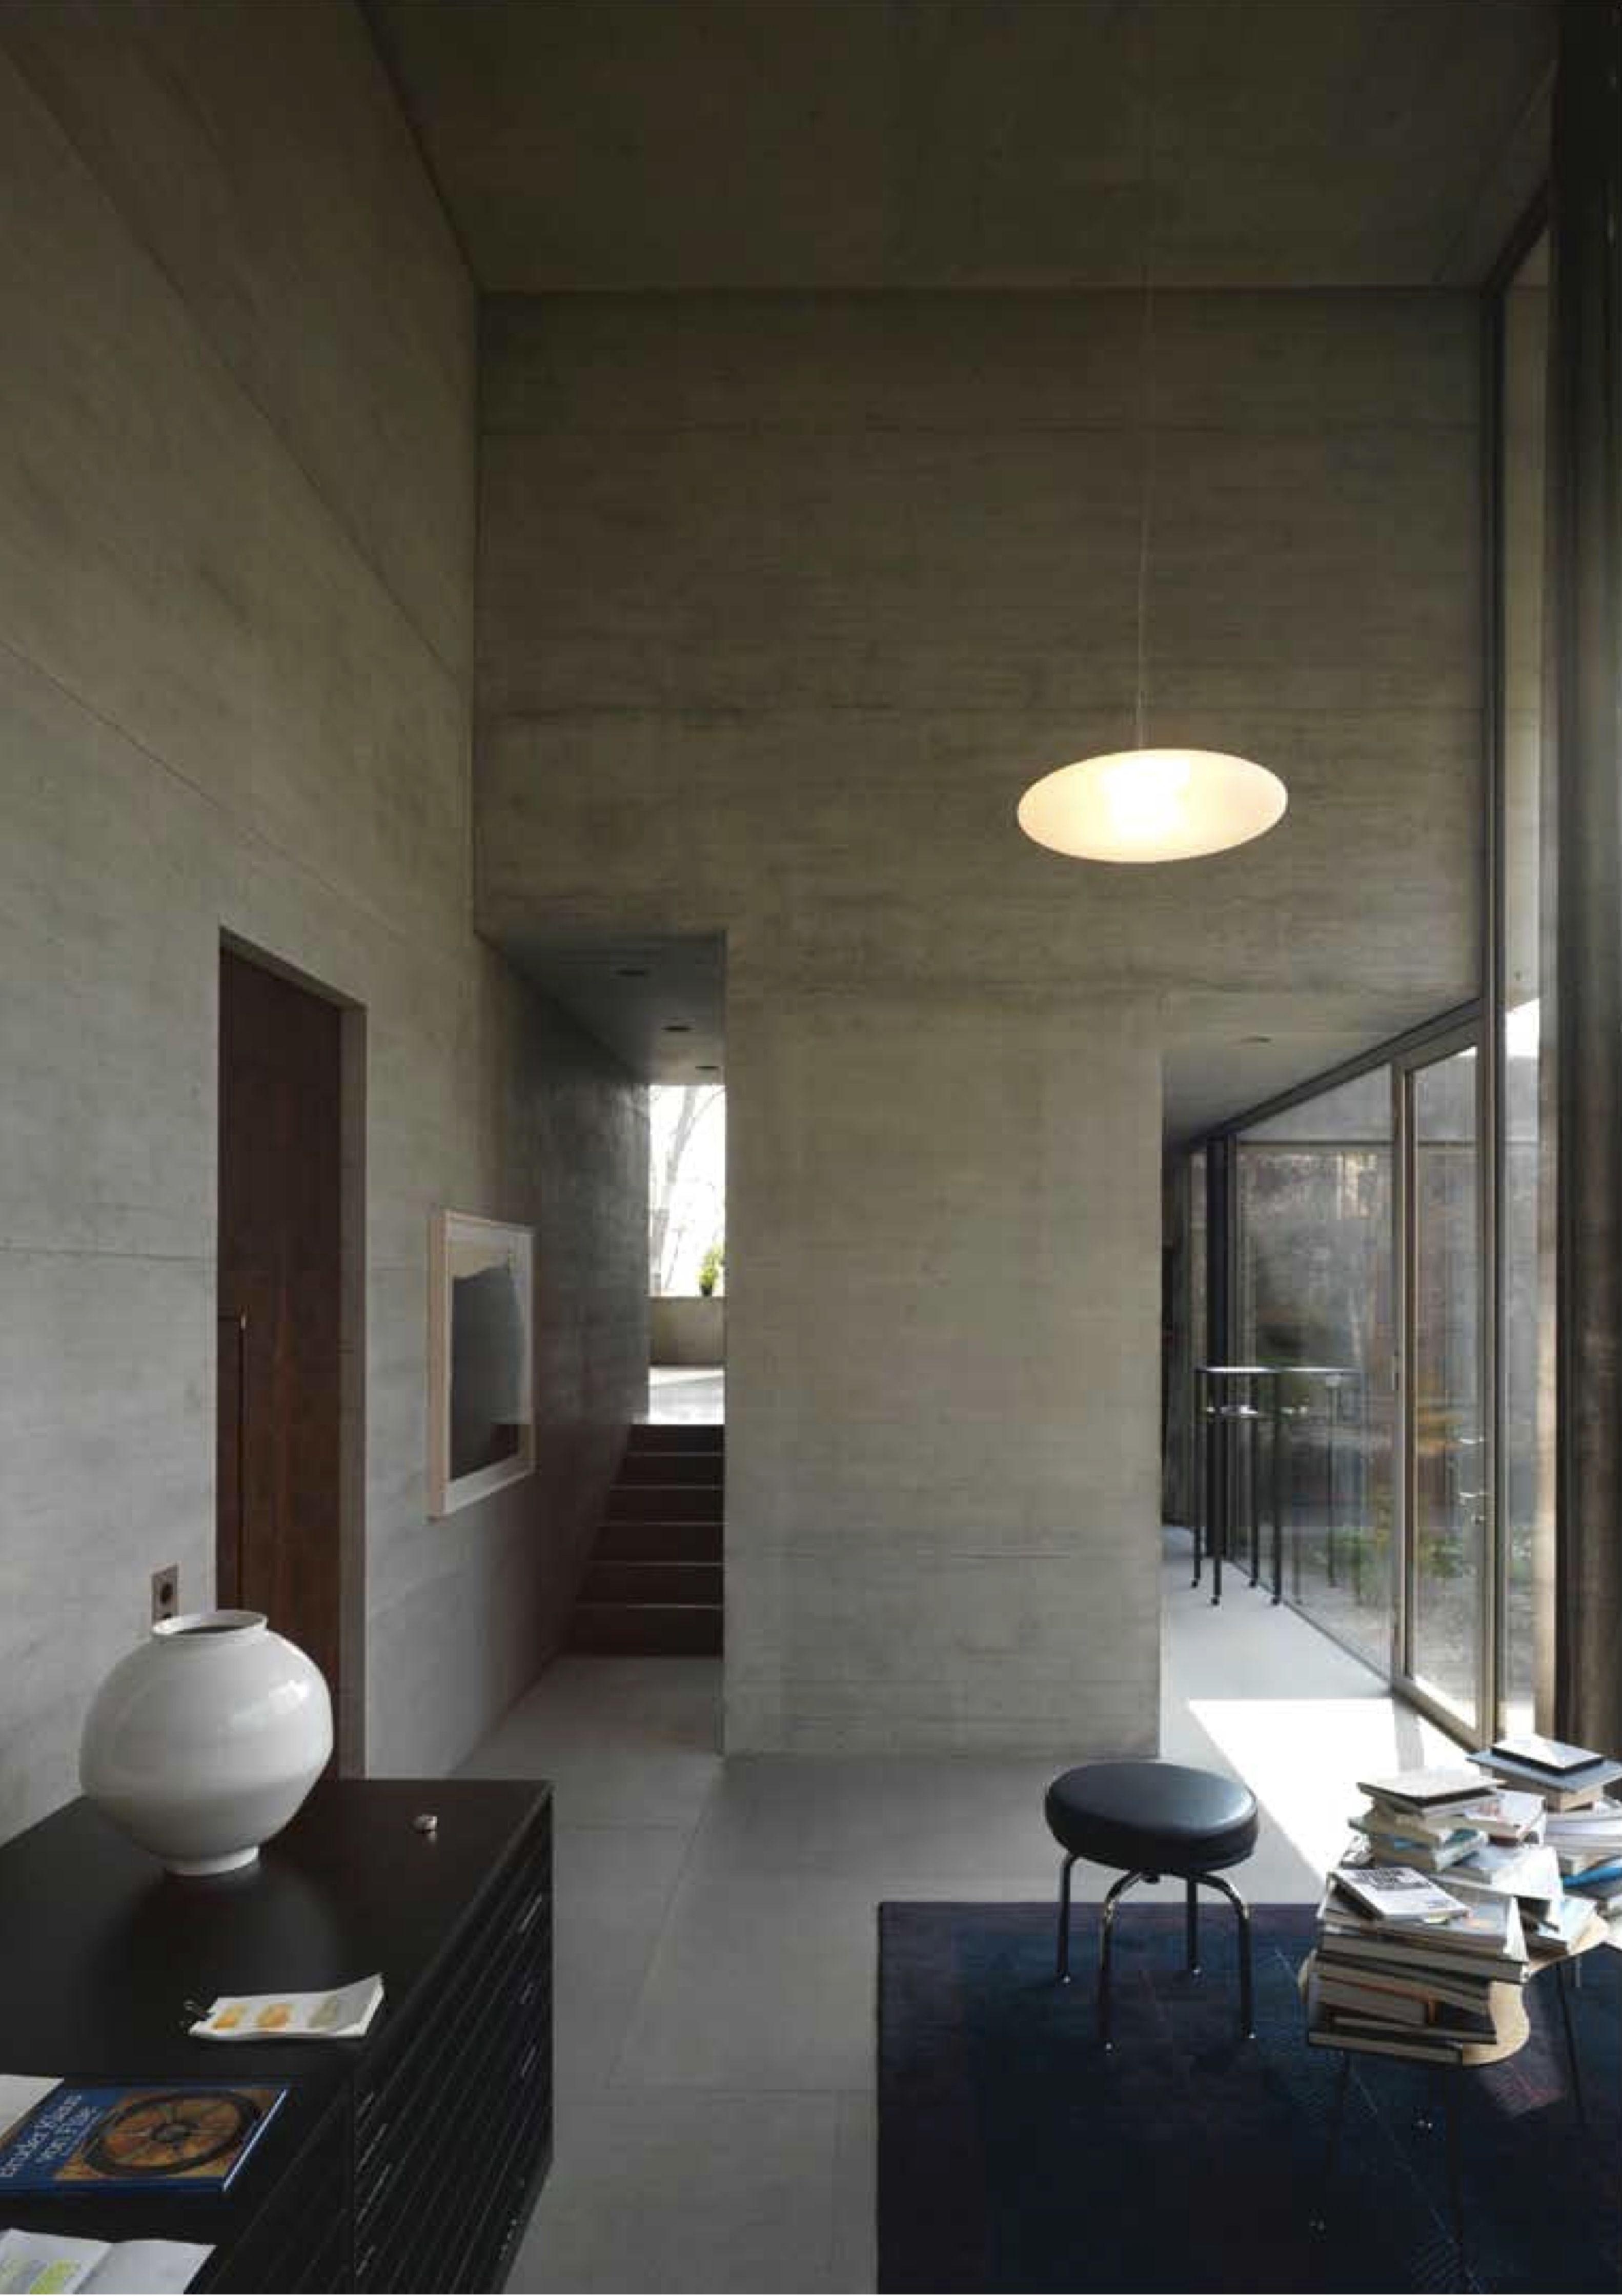 Wohn und atelierhaus haldenstein 2005 peter zumthor for Innenarchitektur schweiz